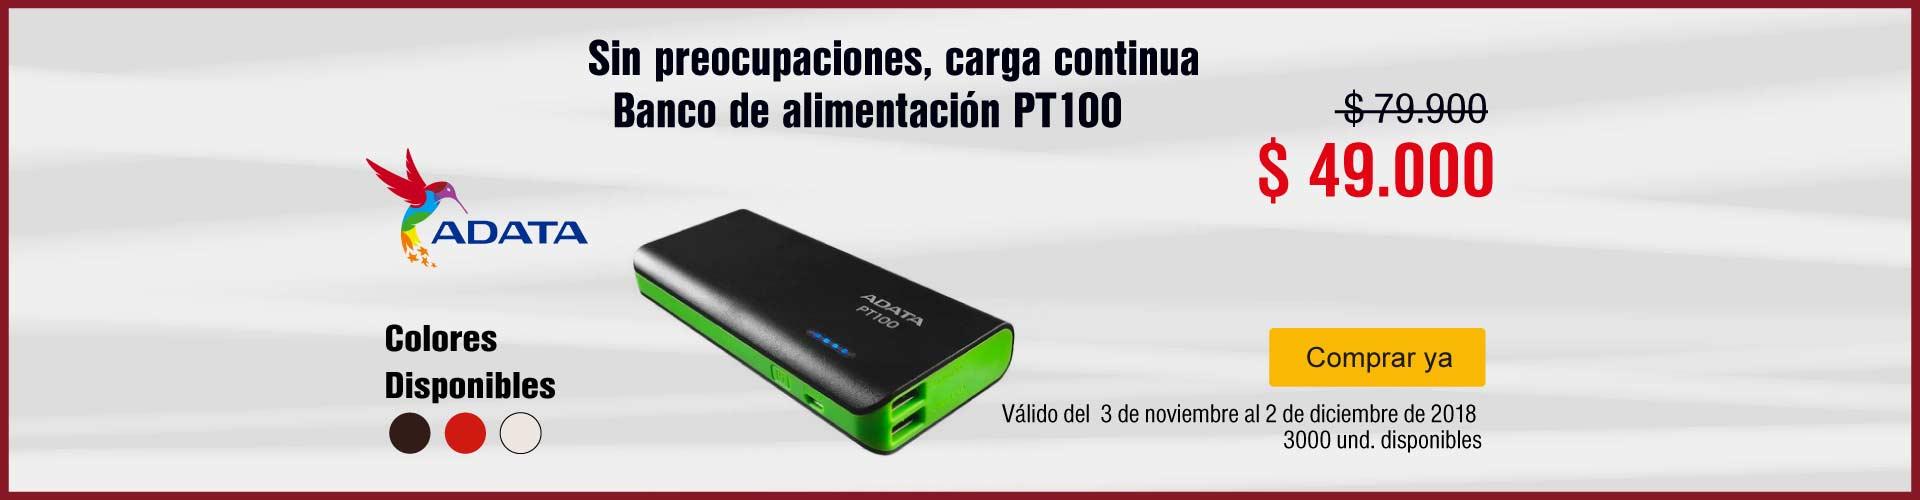 KT-PPAL-1-Accesorios-PP---adata-baterias-10-nov